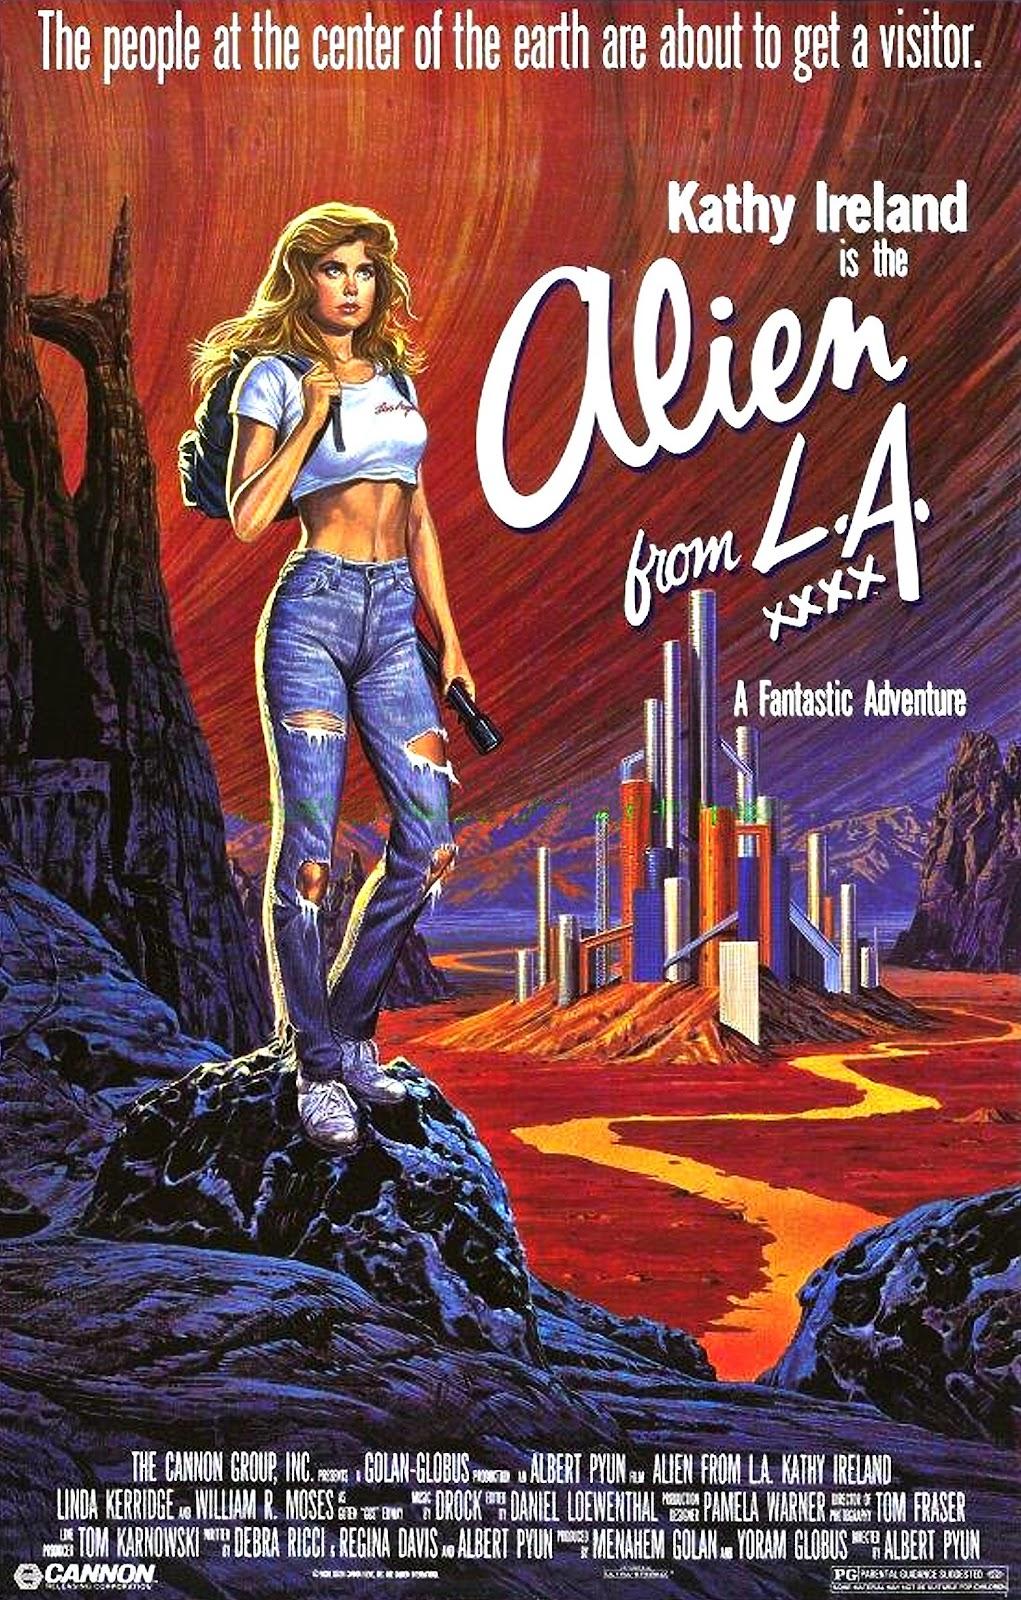 http://4.bp.blogspot.com/-gLhxzu13eh4/UDDLYdvOoDI/AAAAAAAAE7c/W0_CJQaU1l8/s1600/alien_from_la_poster_01.jpg